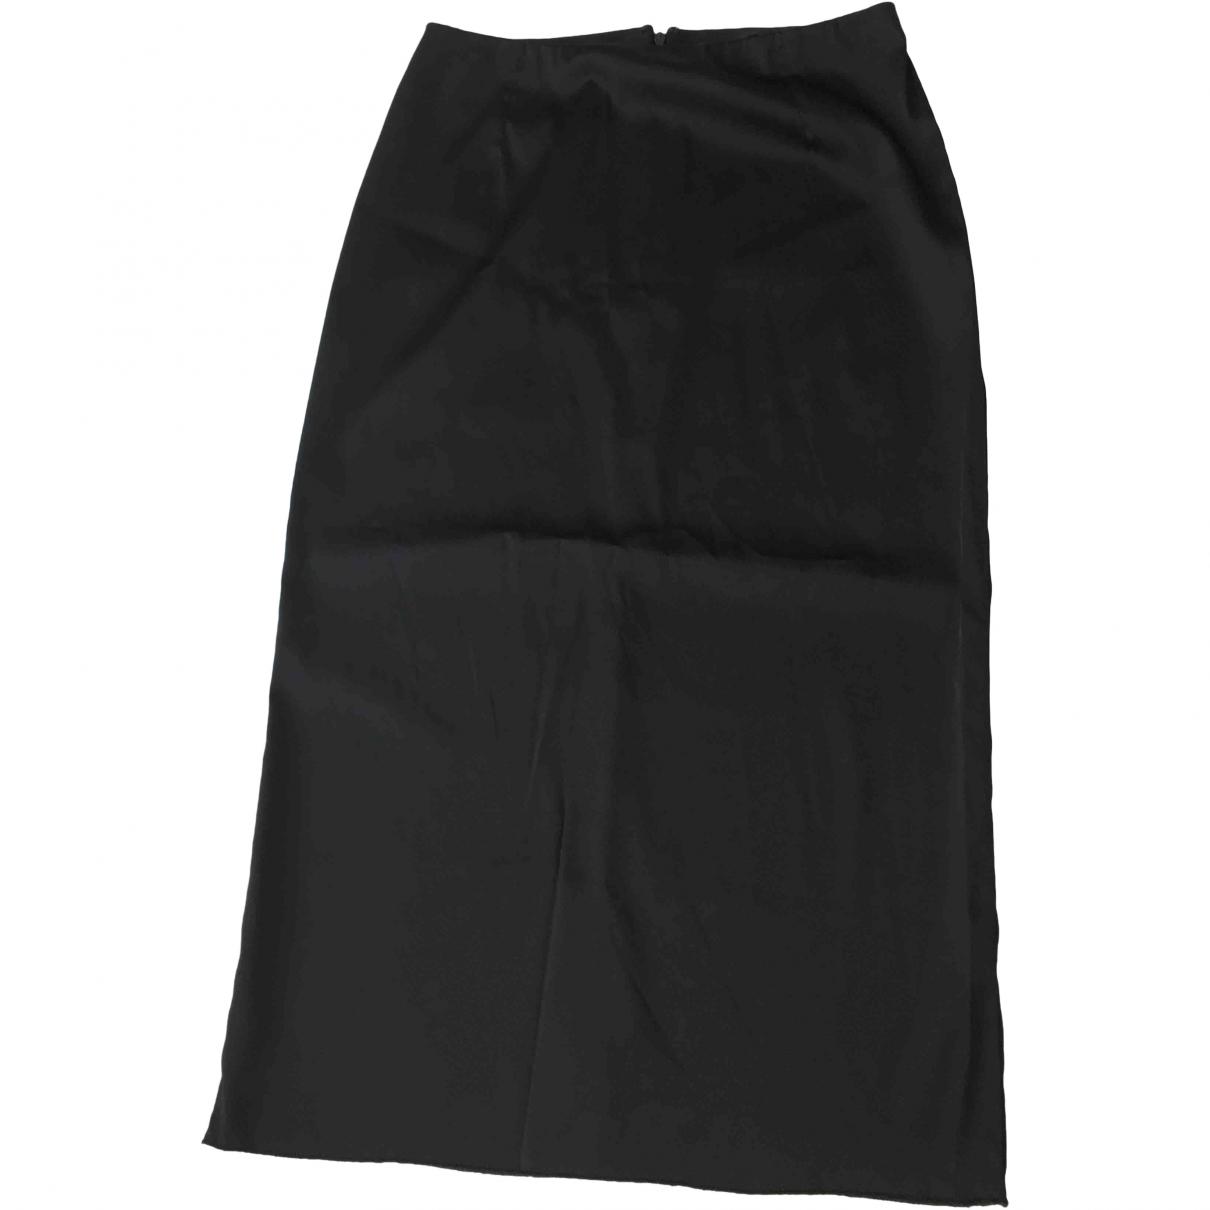 Dolce & Gabbana \N Black Cotton - elasthane skirt for Women 40 IT